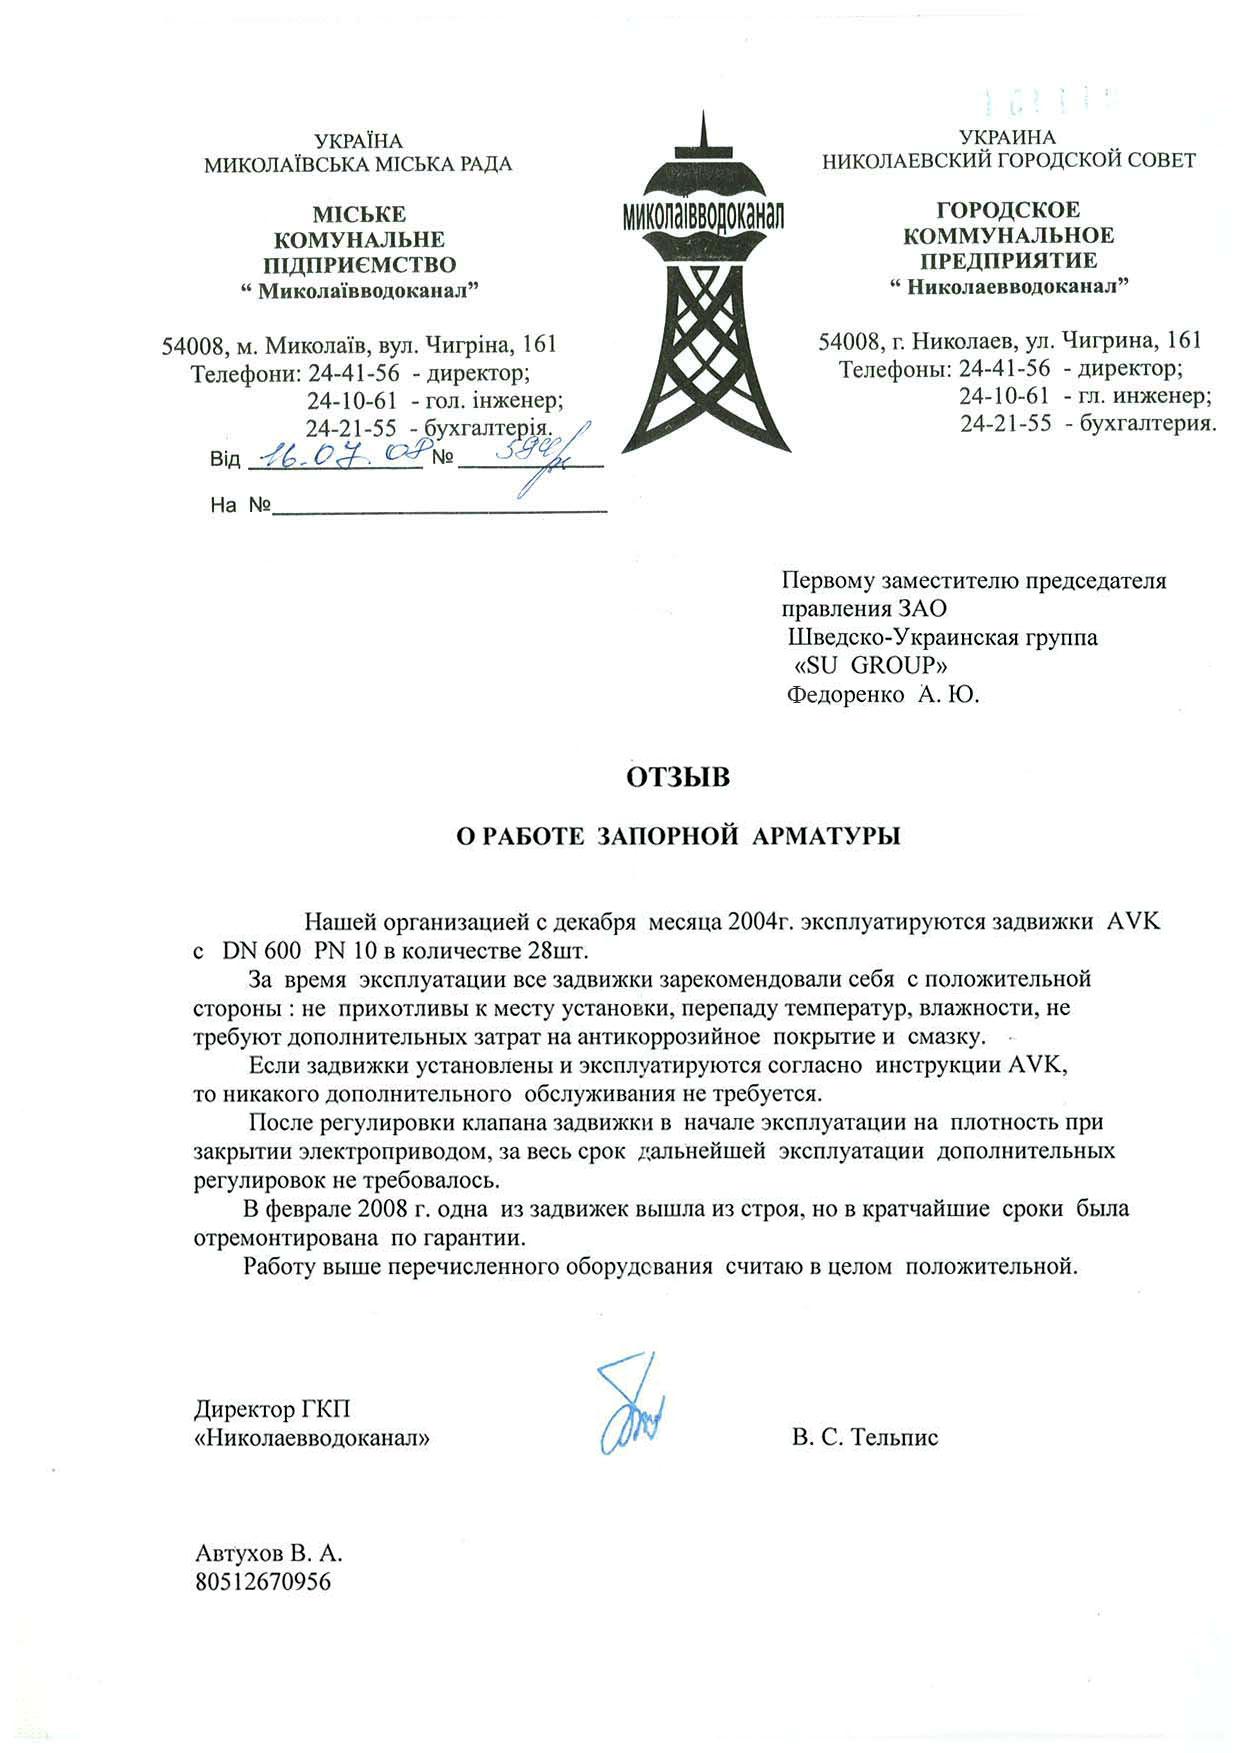 Медкомплекс АВК - отзывы сотрудников компании